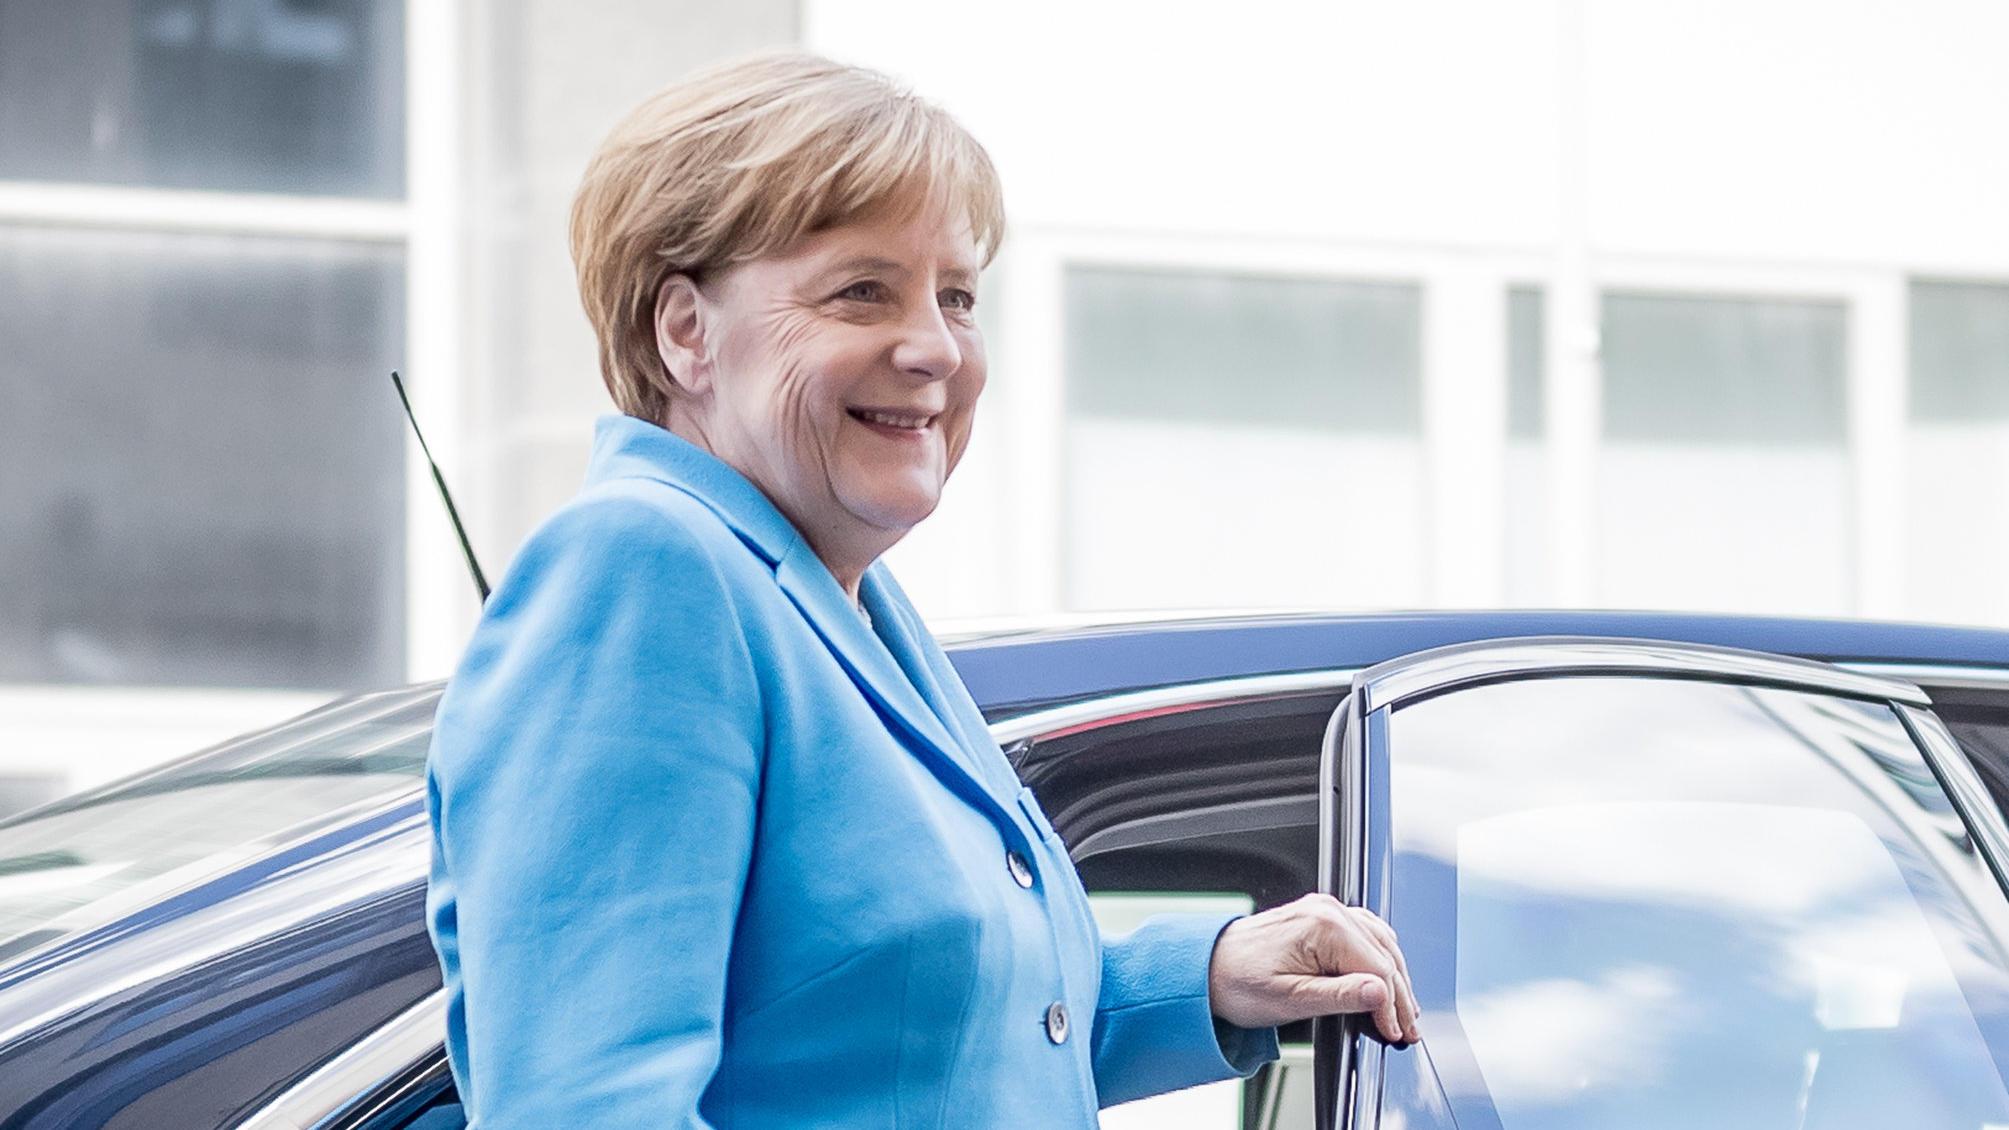 Bundeskanzlerin Angela Merkel Im Sommerinterview Zur Asylpolitik